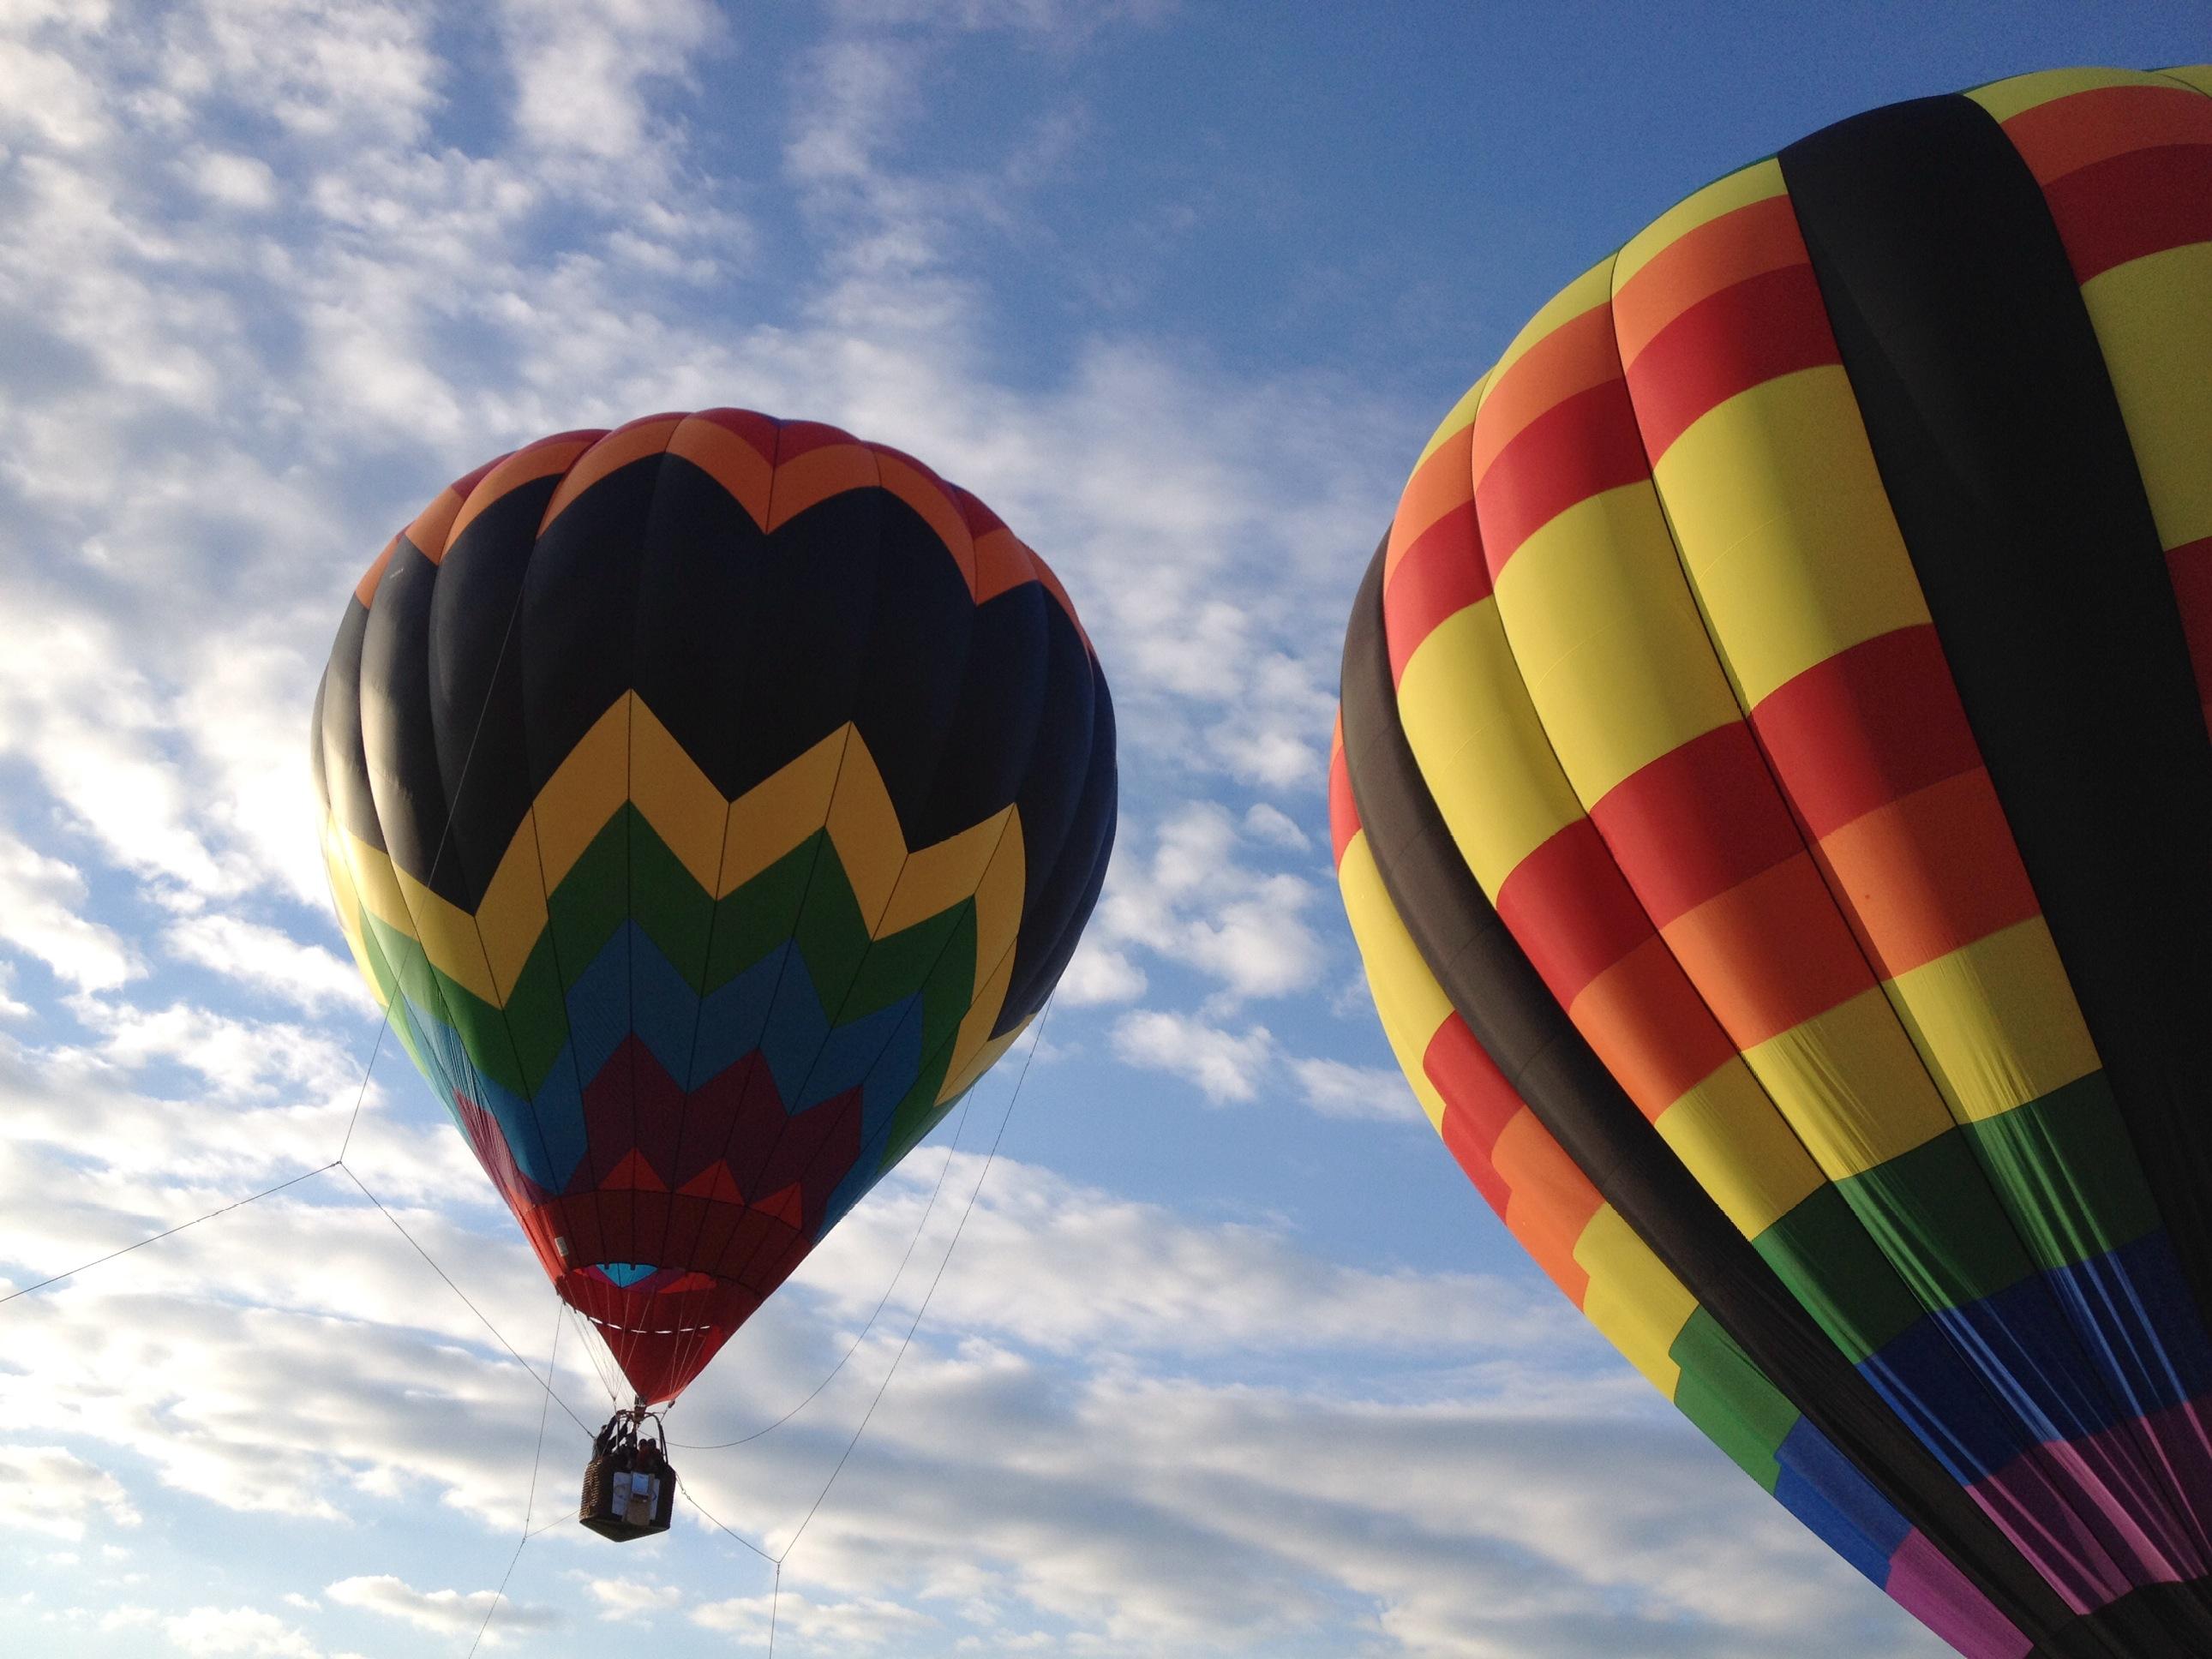 lifelately_hotairballoons